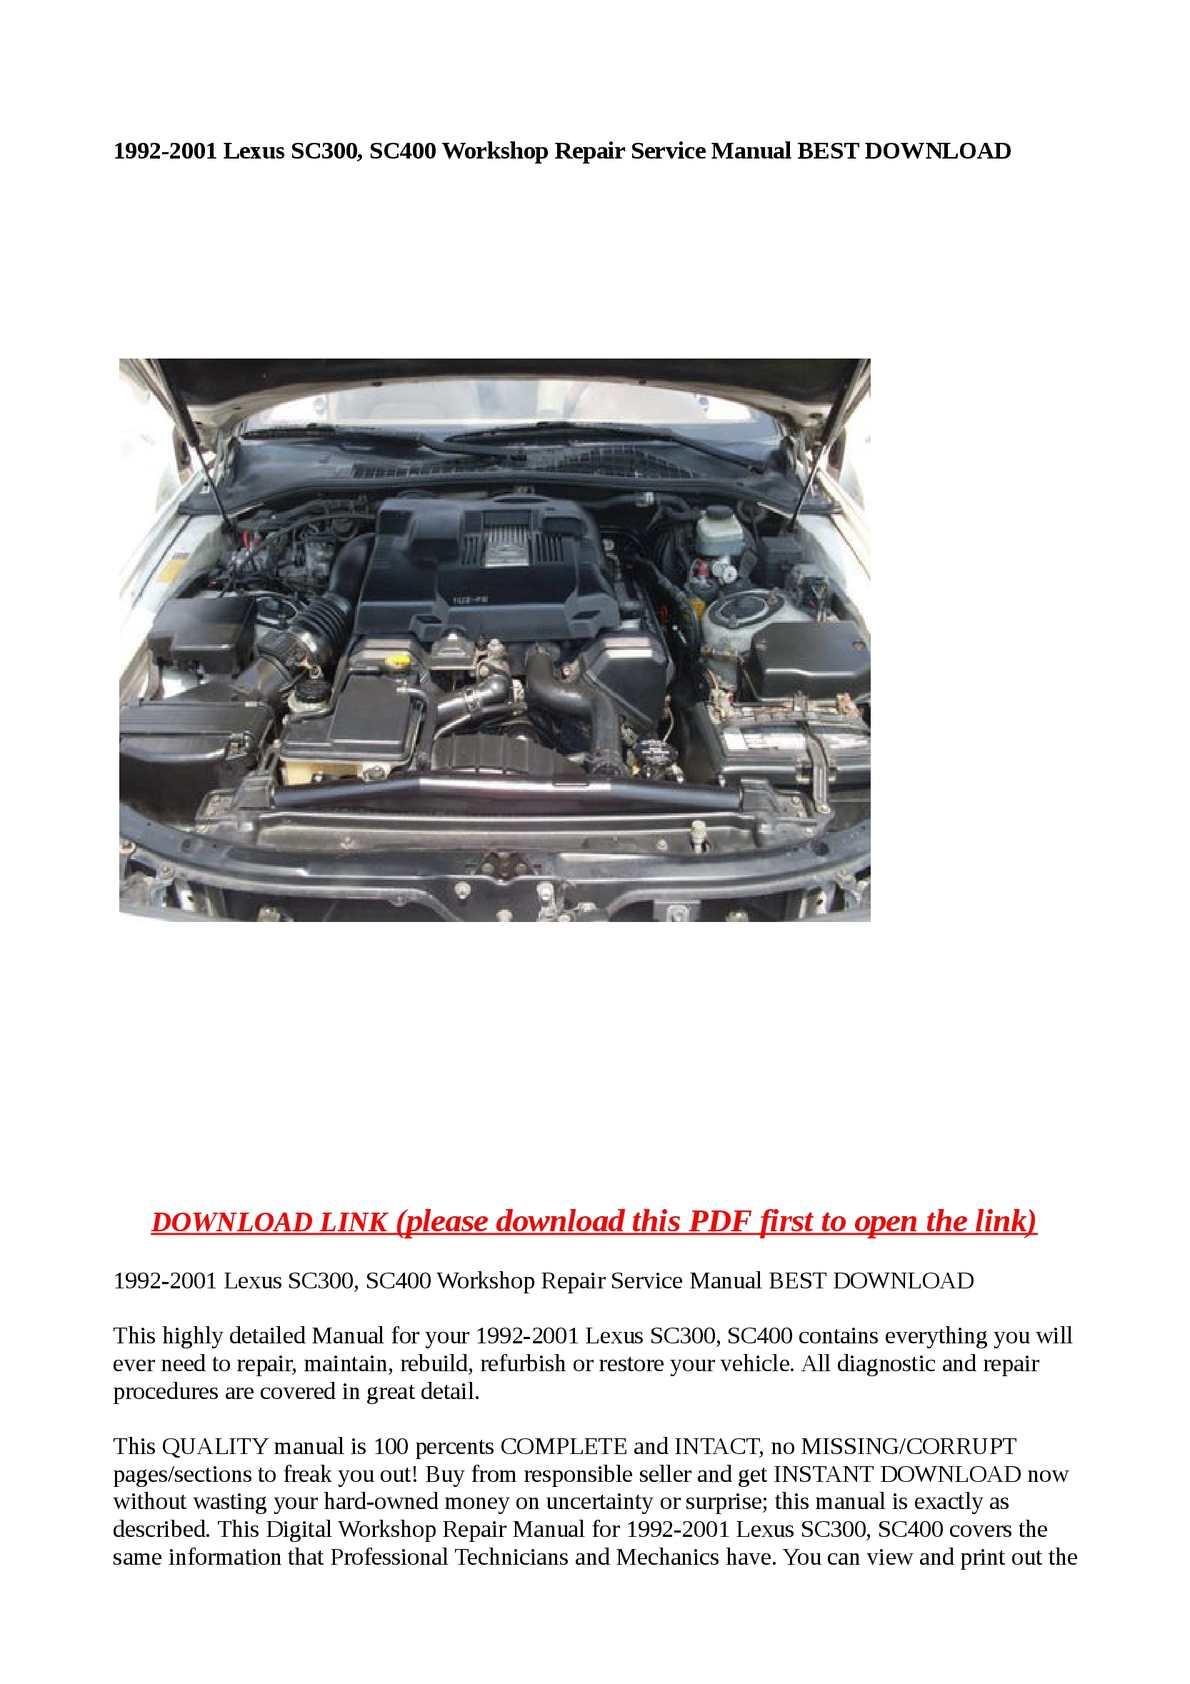 Calamo 1992 2001 Lexus Sc300 Sc400 Workshop Repair Service Manual Be Wiring Diagram Pdf